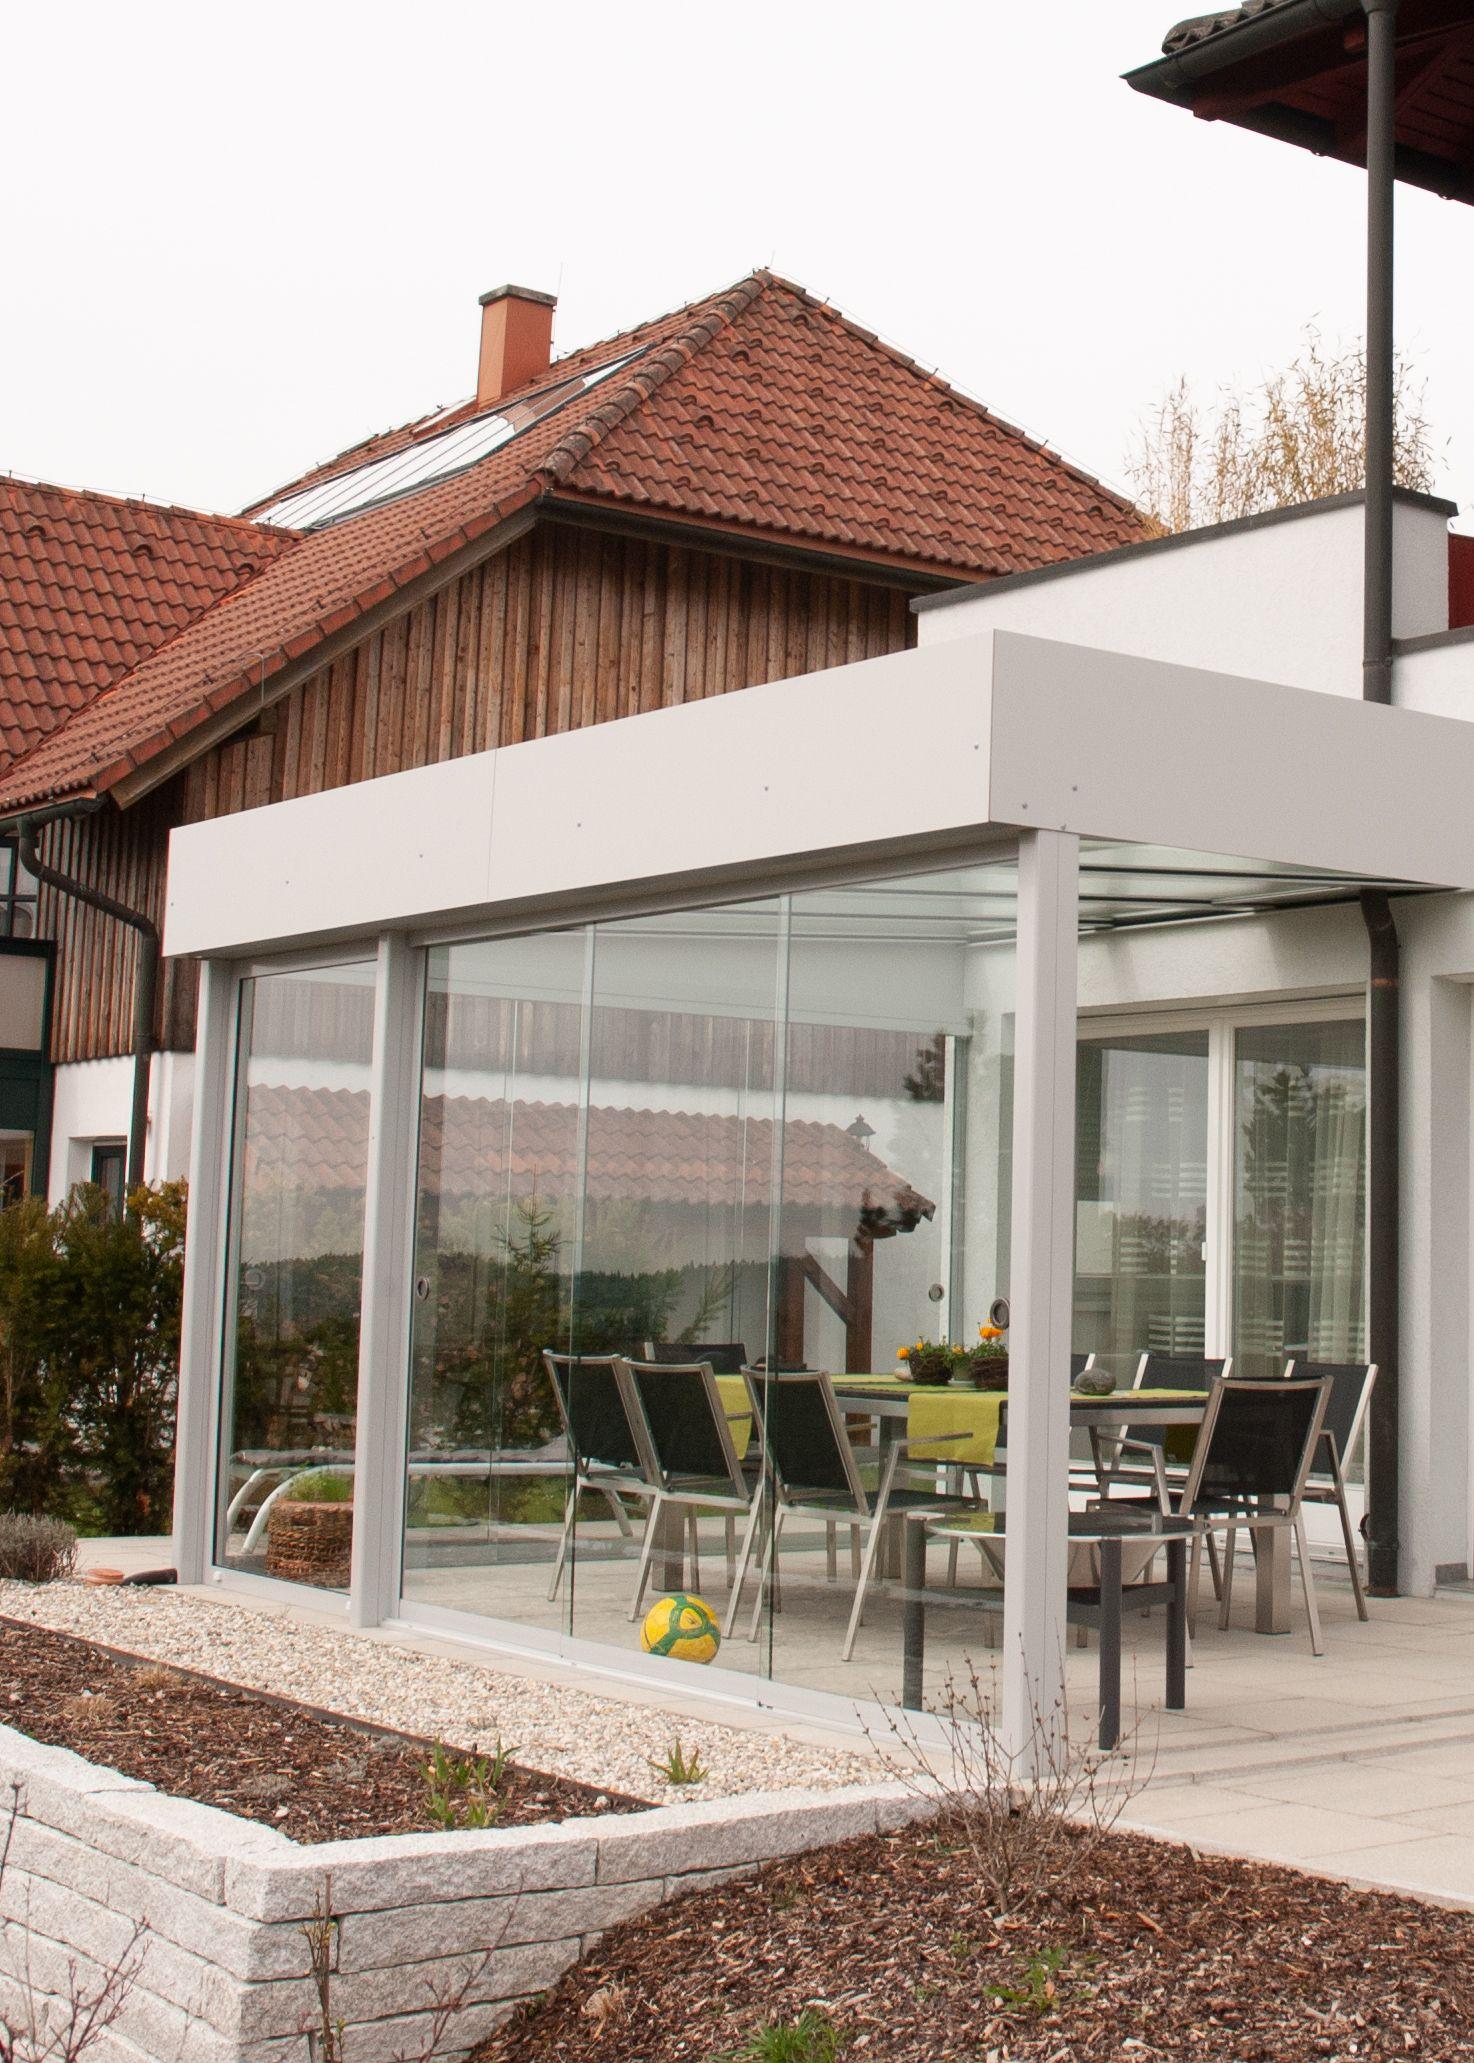 Terrassenuberdachung Sunflex Schiebeturen Verglasungen Balkon